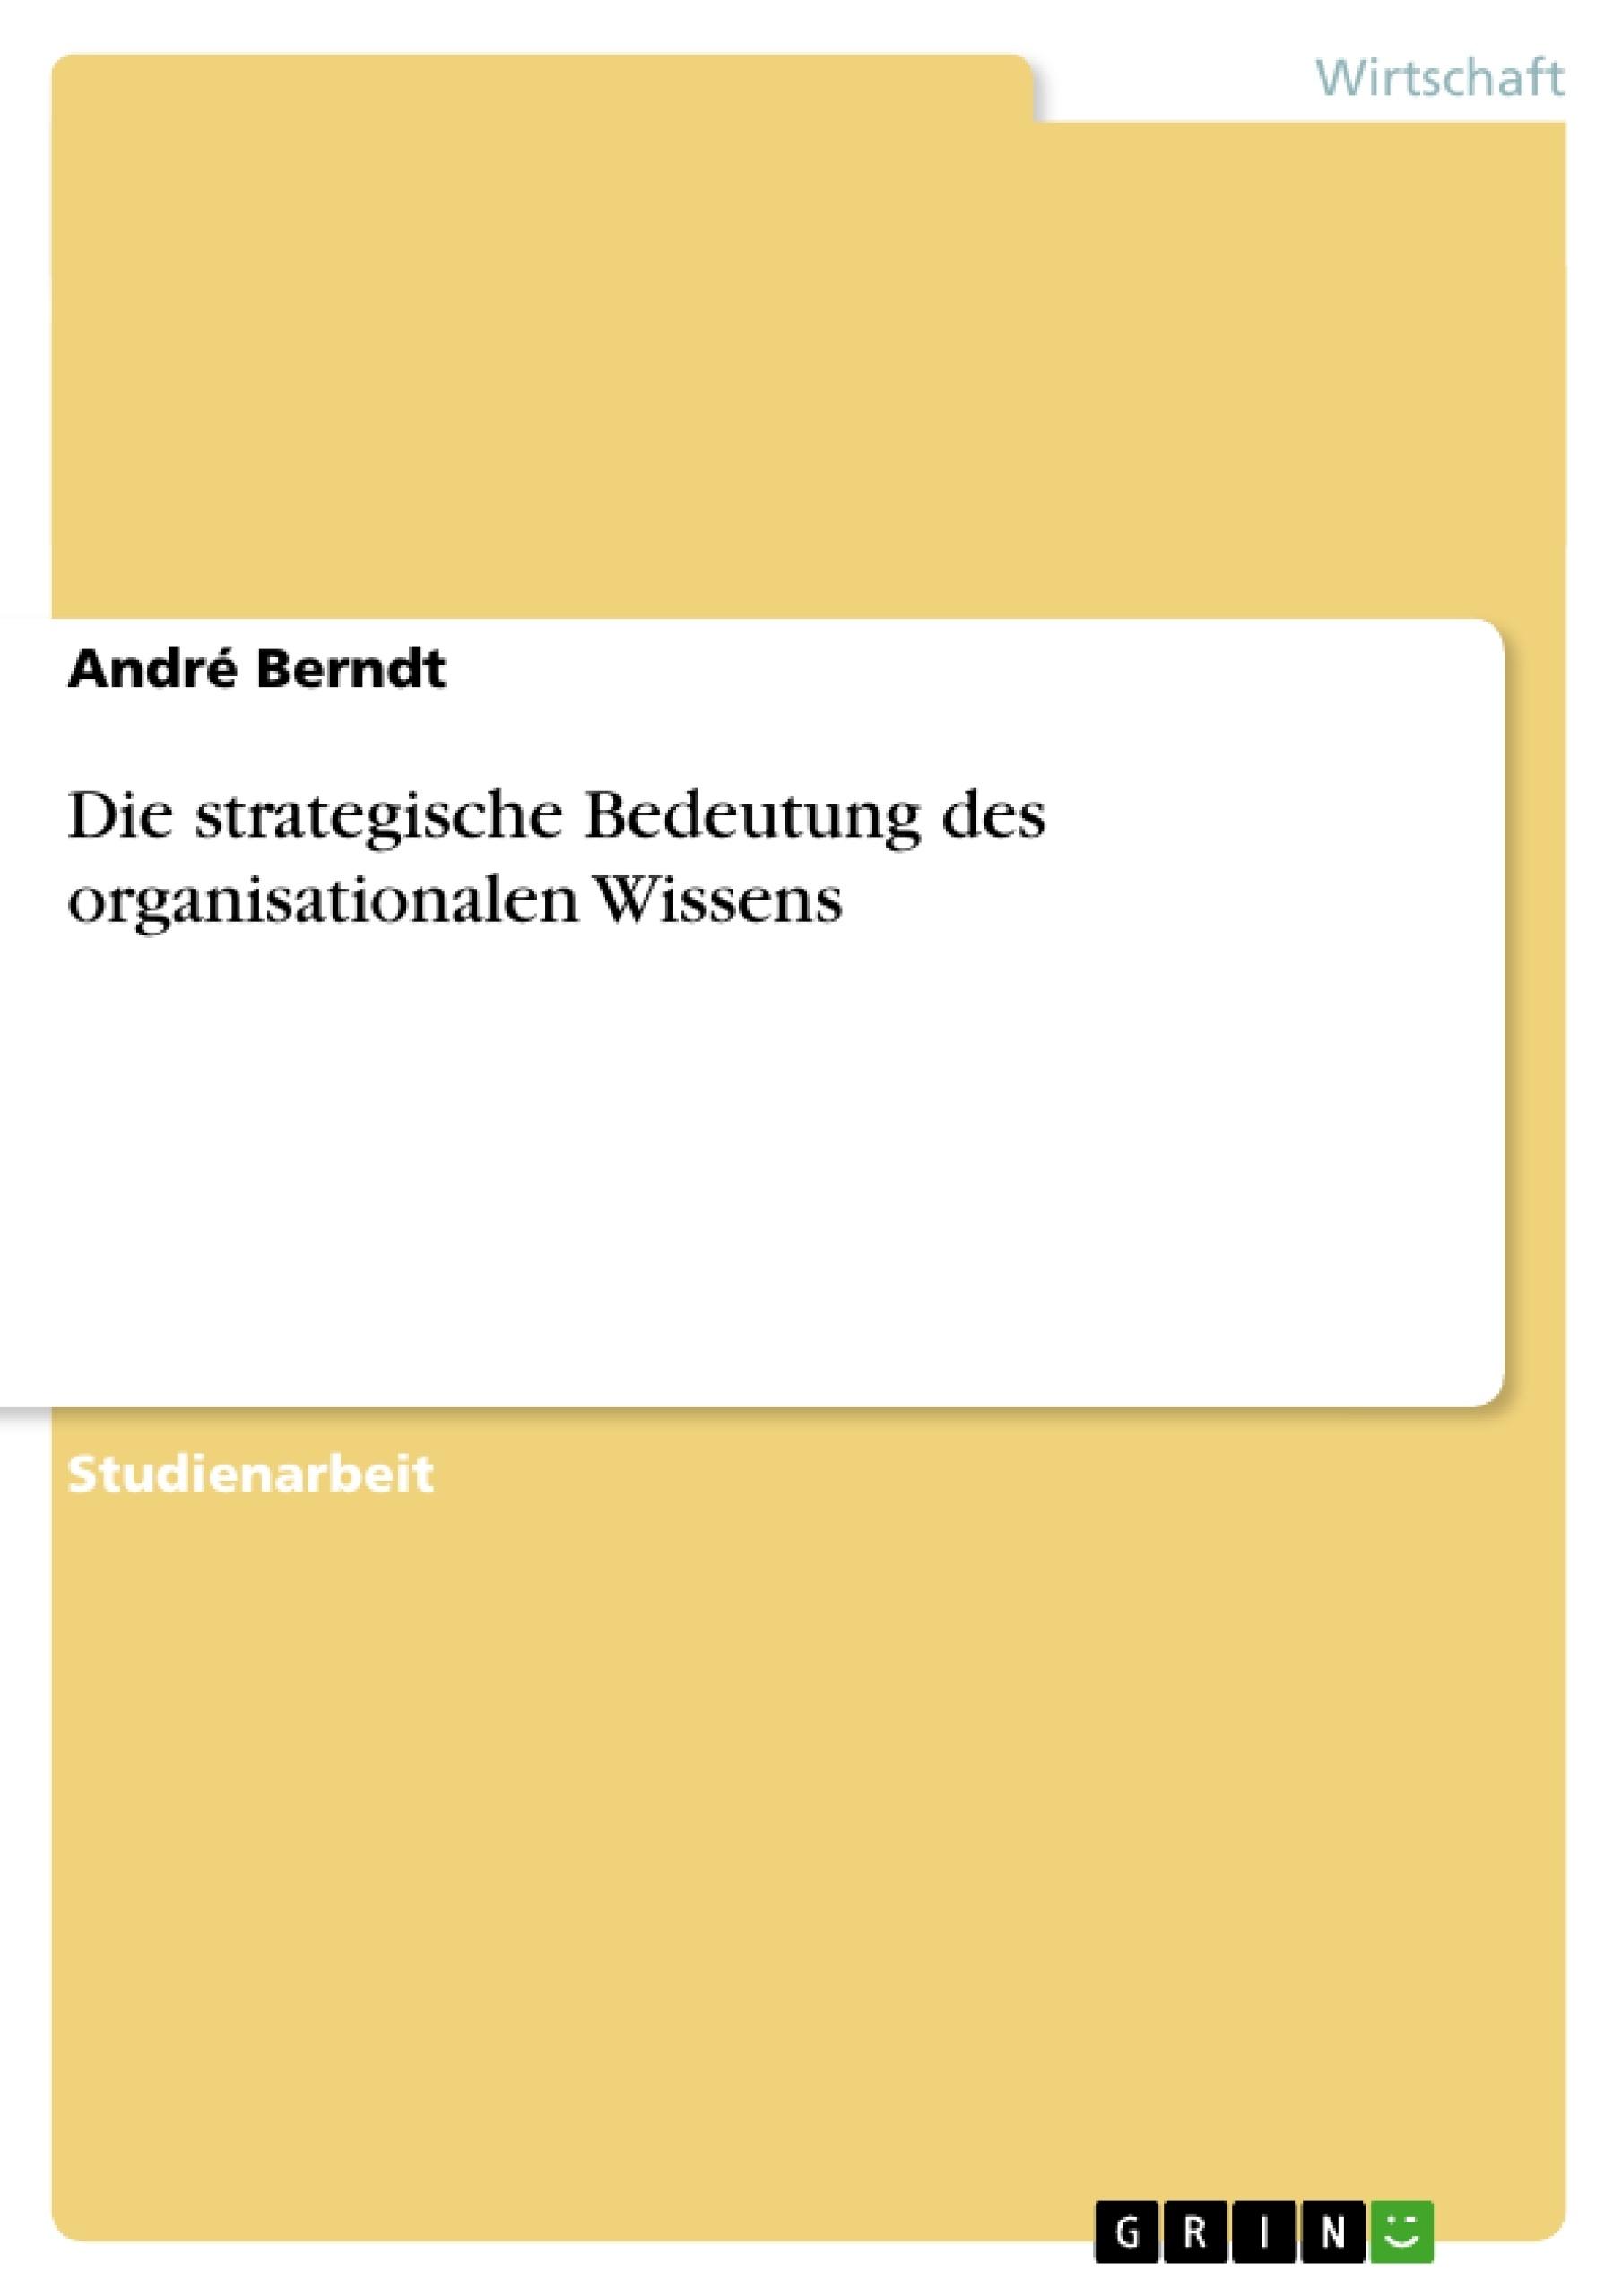 Titel: Die strategische Bedeutung des organisationalen Wissens